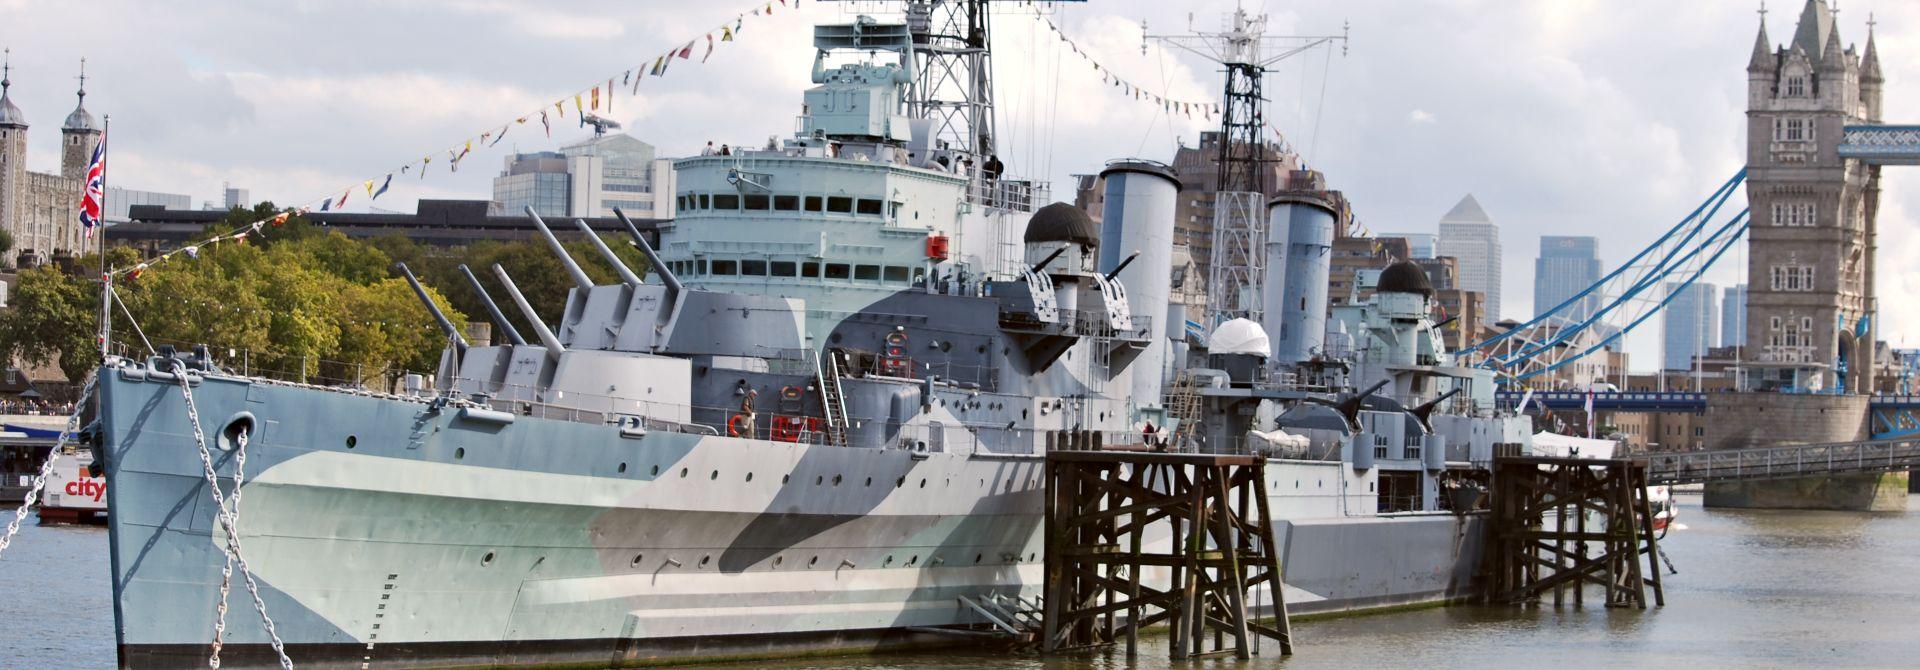 HMS Belfast Hero